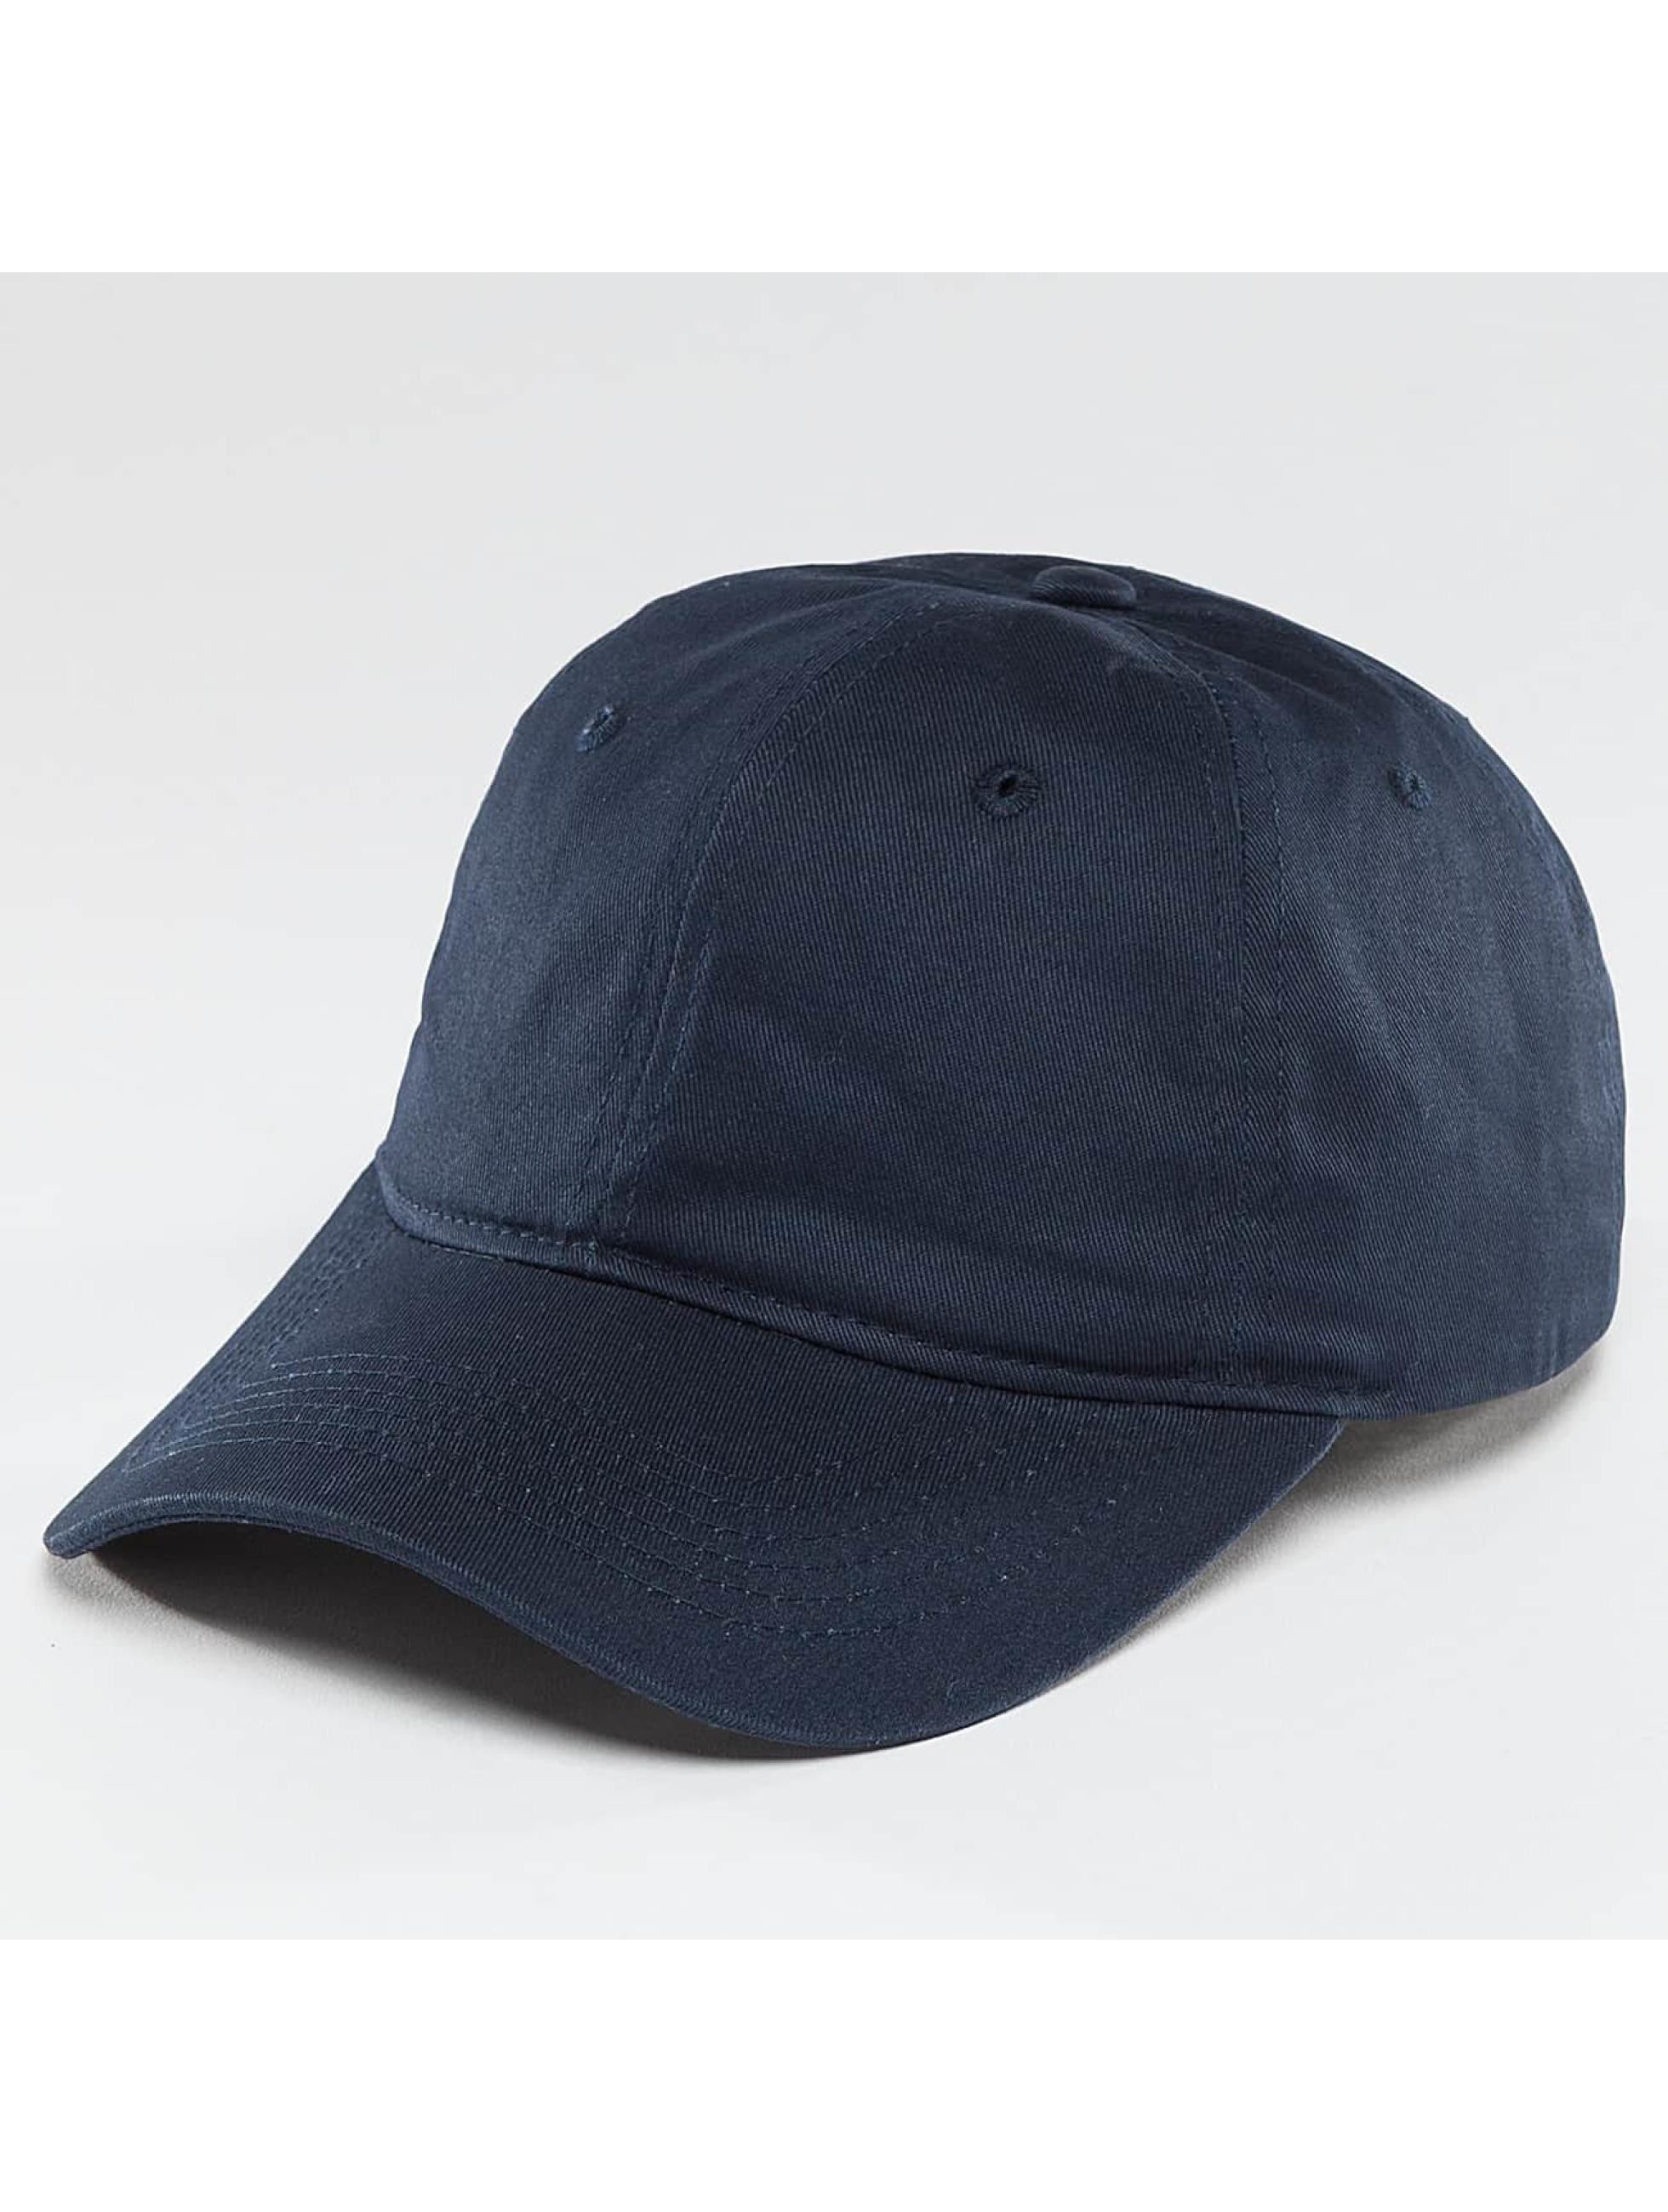 TrueSpin Snapback Caps Unstructured Dad modrý